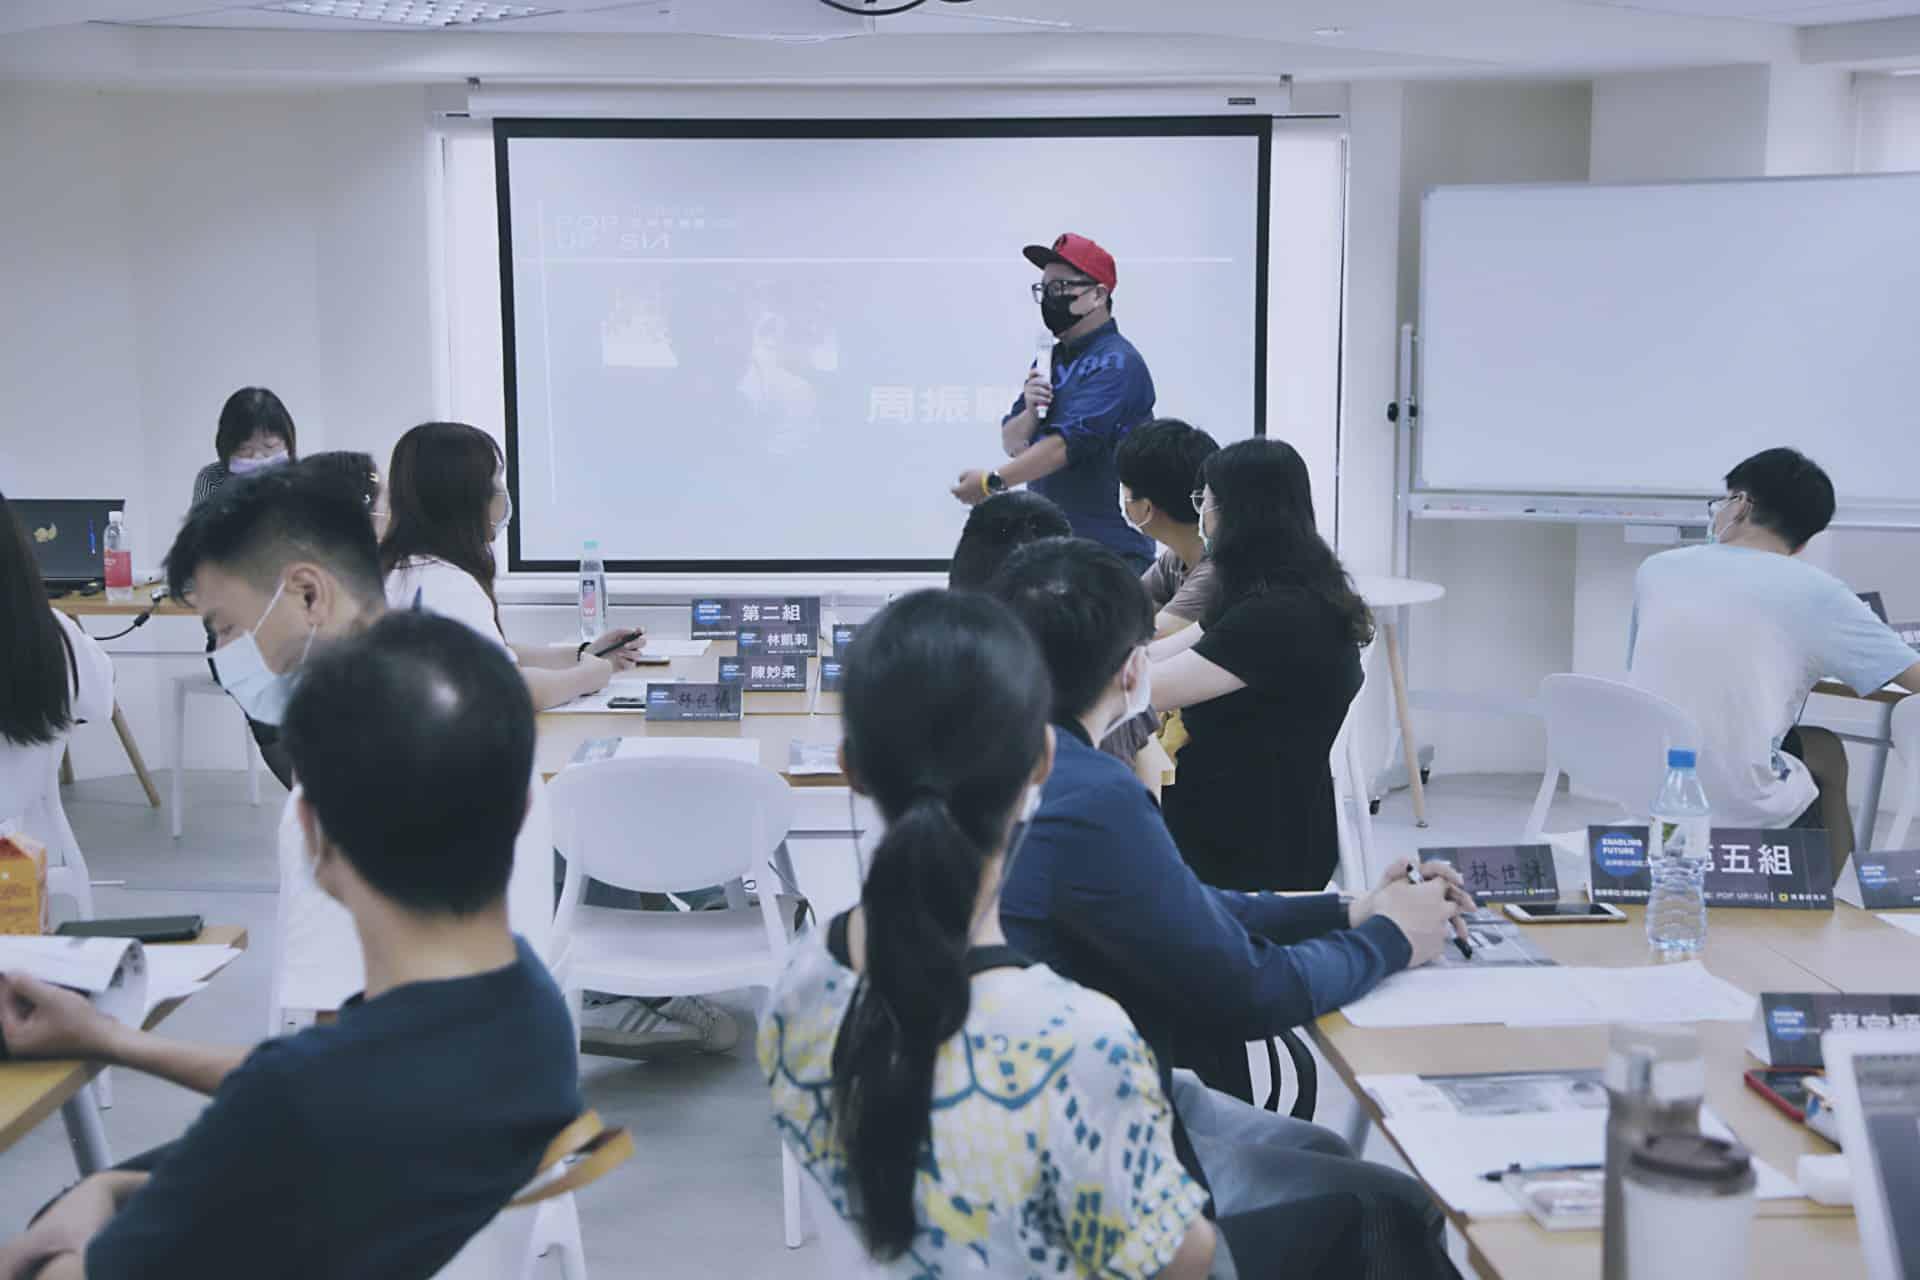 燒賣研究所的起心動念,是培育更多能做出組織新營收的數位專業人才。圖為校長Ryan